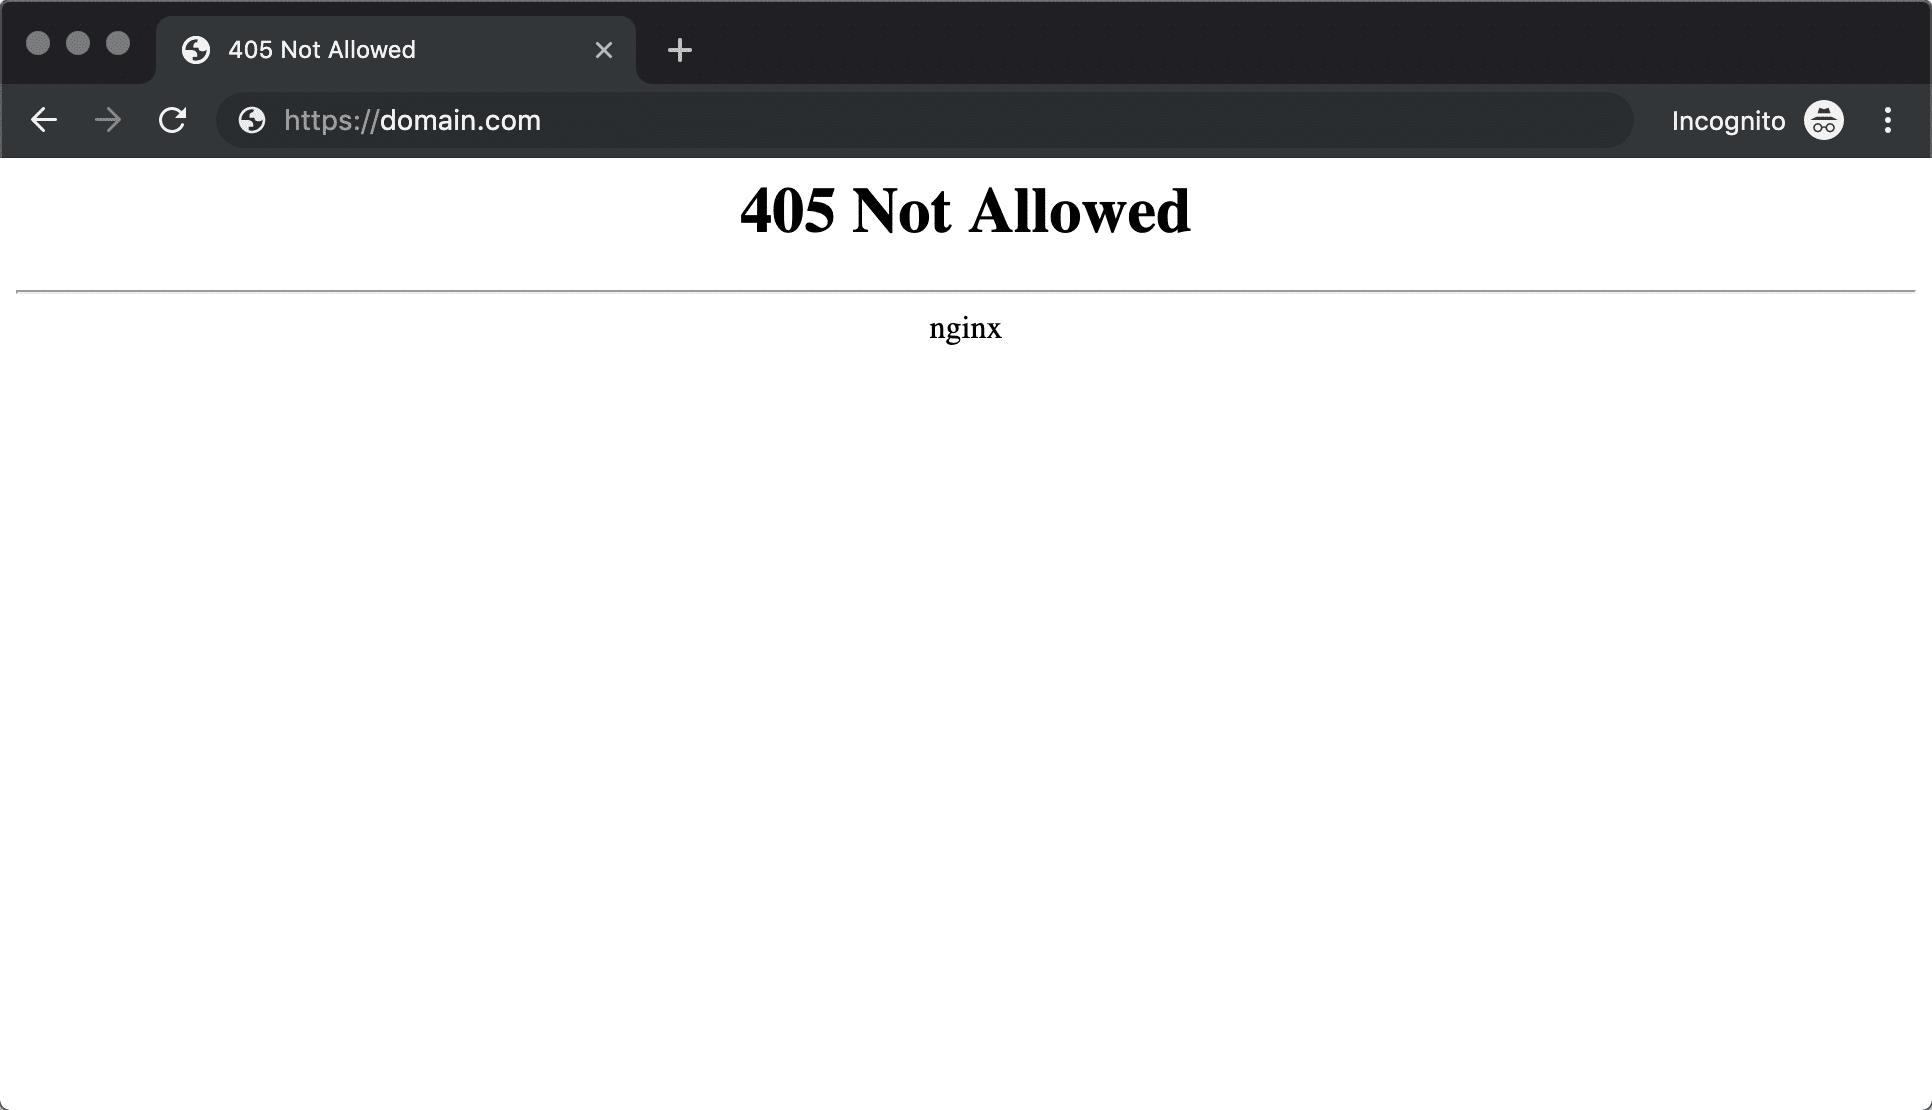 Erro 405 Não Permitido Nginx no Chrome